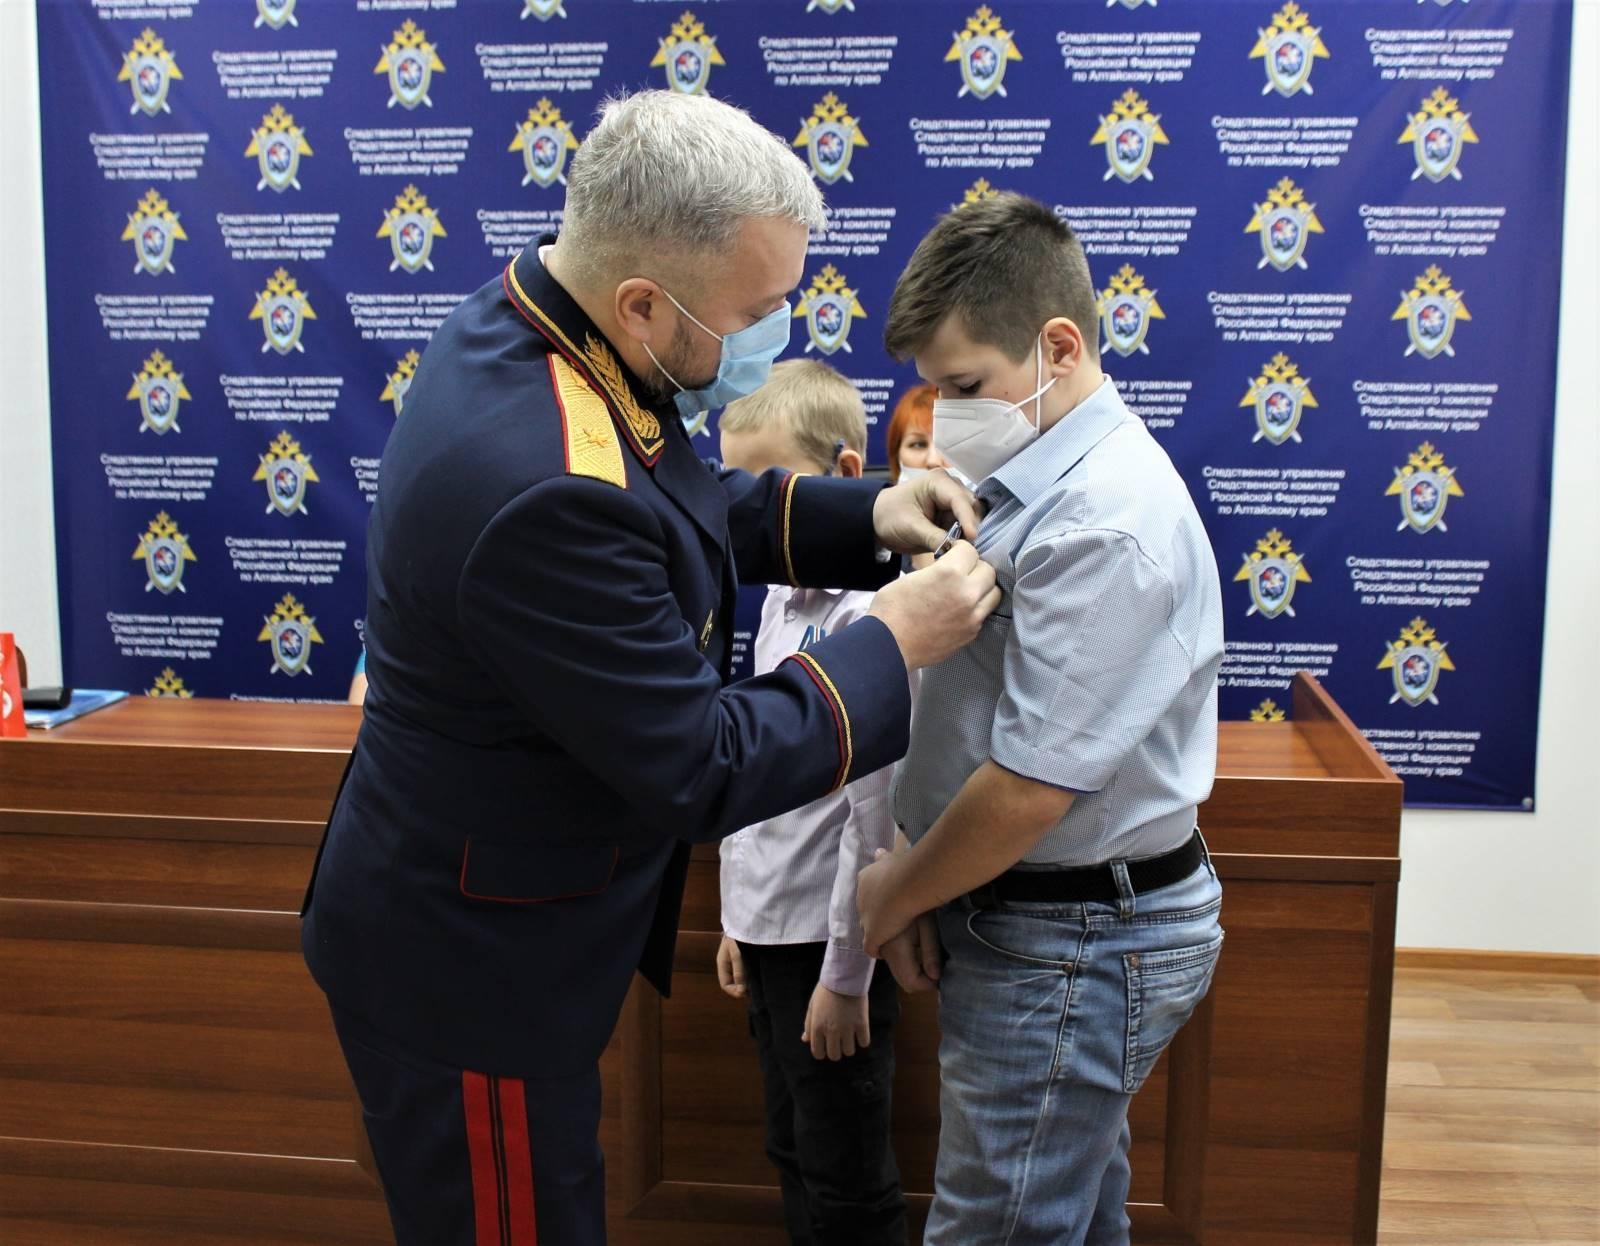 Фото В Алтайском крае дети задержали двух насильников и были награждены за отвагу 2